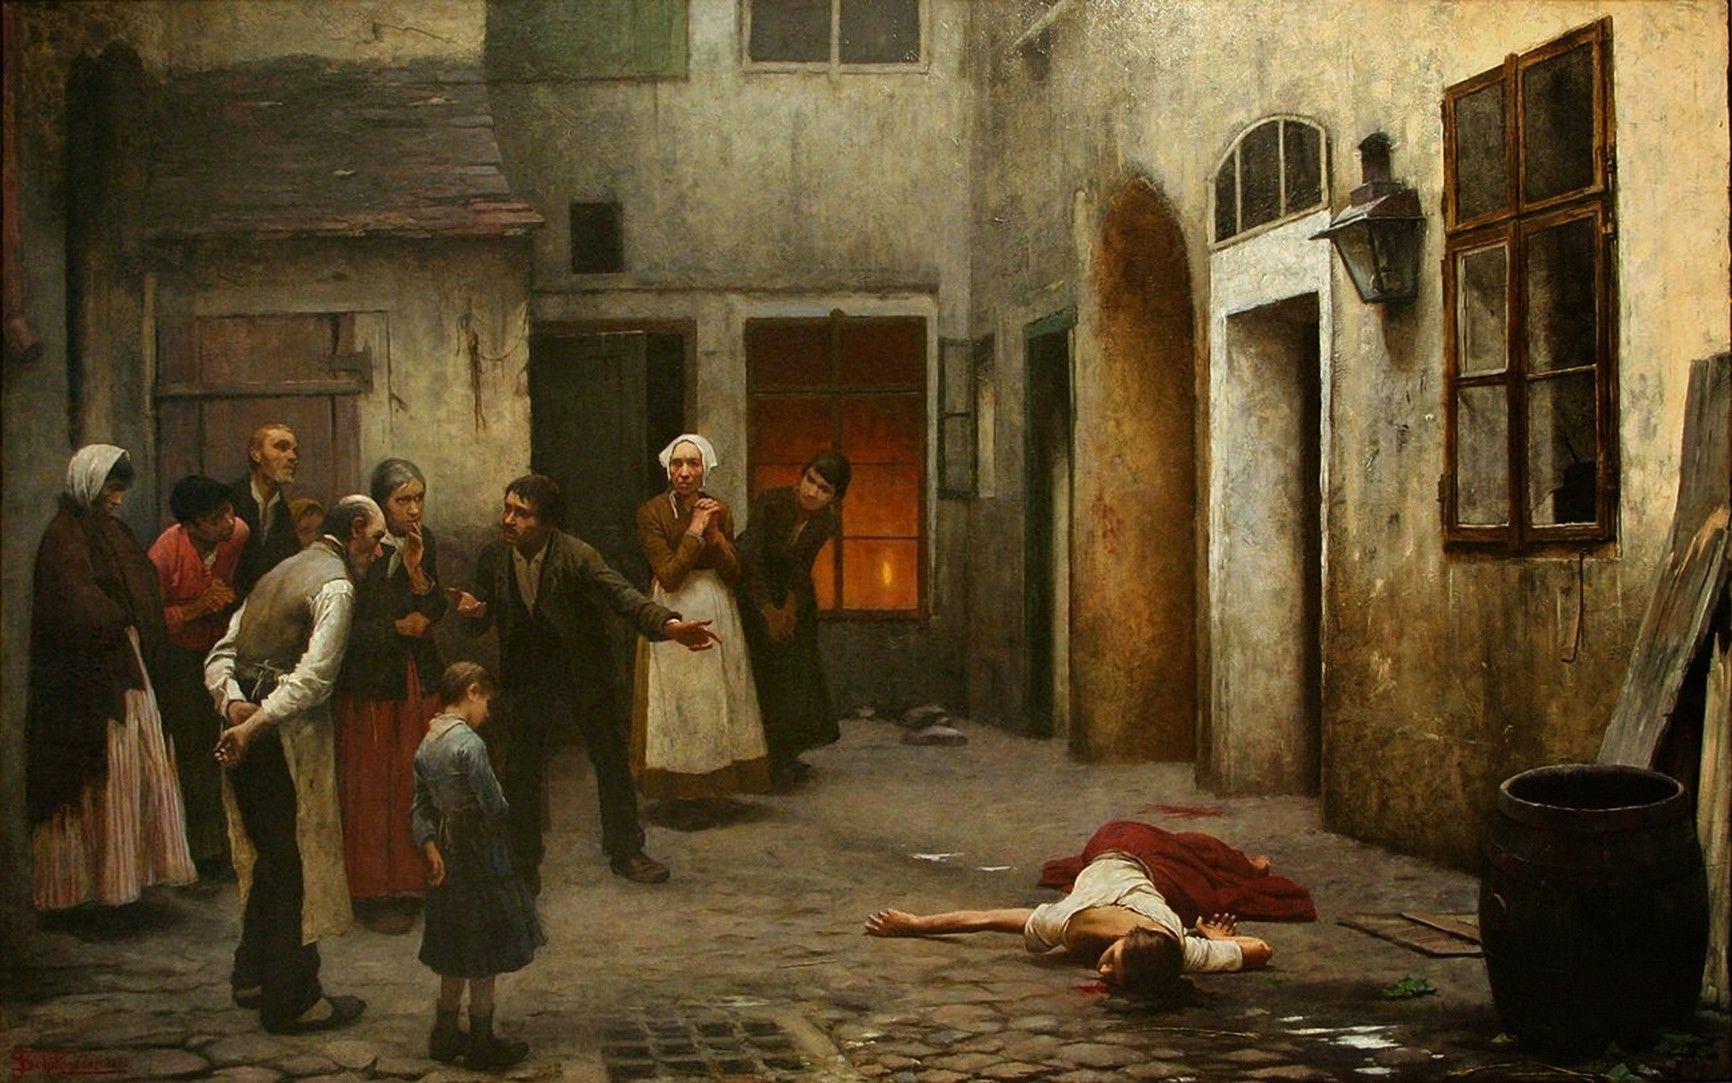 Jakub Schikaneder -- Assassinato na Casa